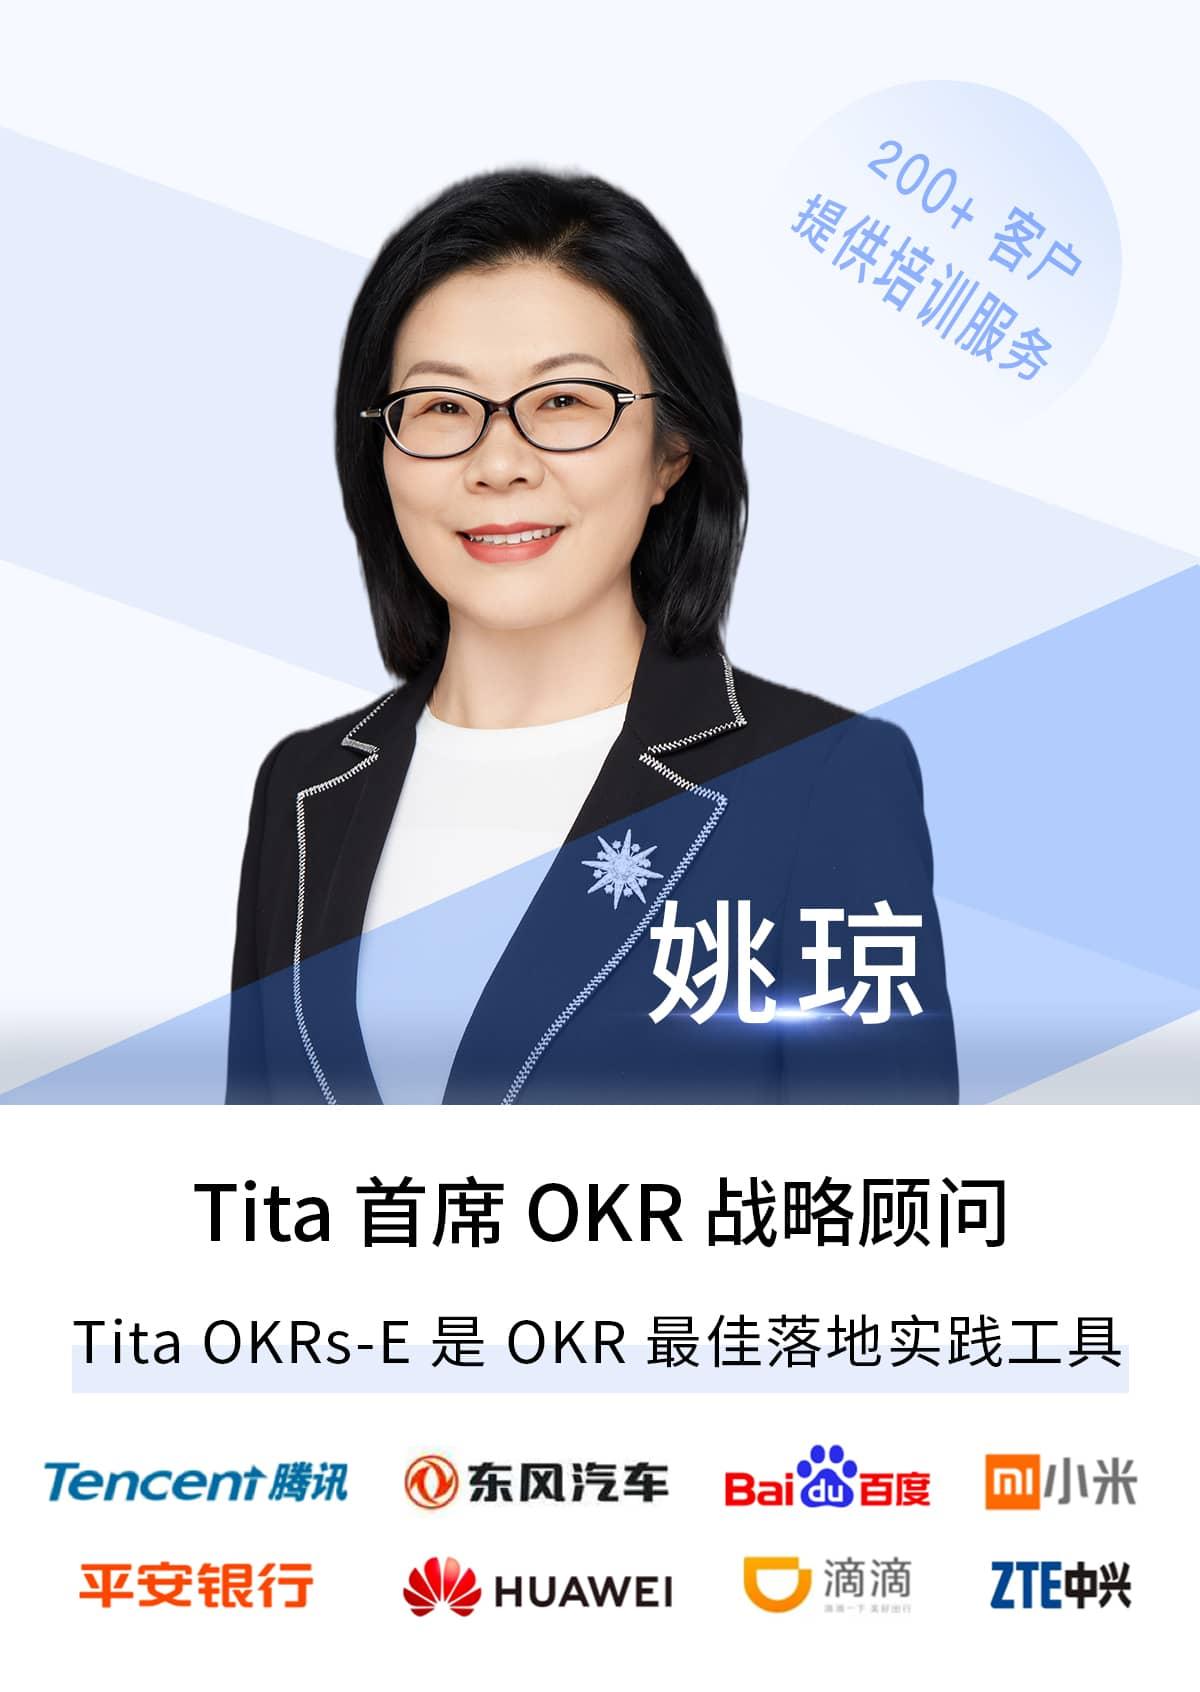 行走的OKR:姚琼老师在金茂